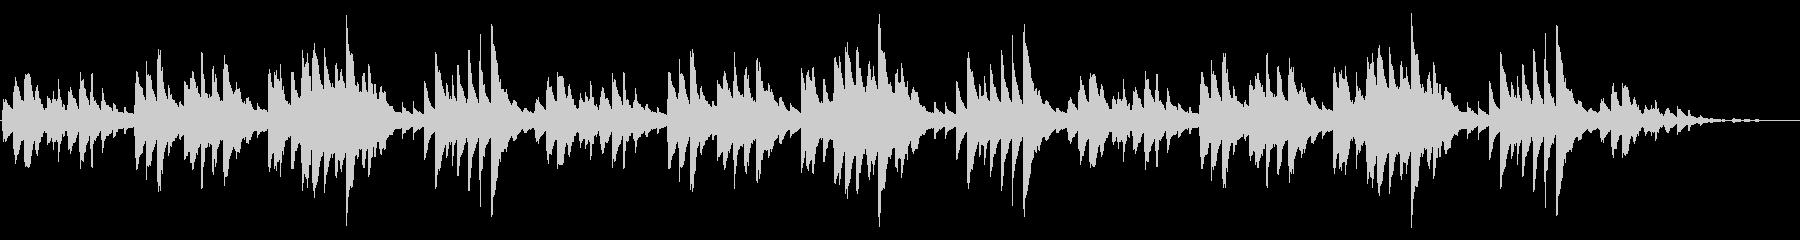 童謡「ふるさと」シンプルなピアノソロの未再生の波形